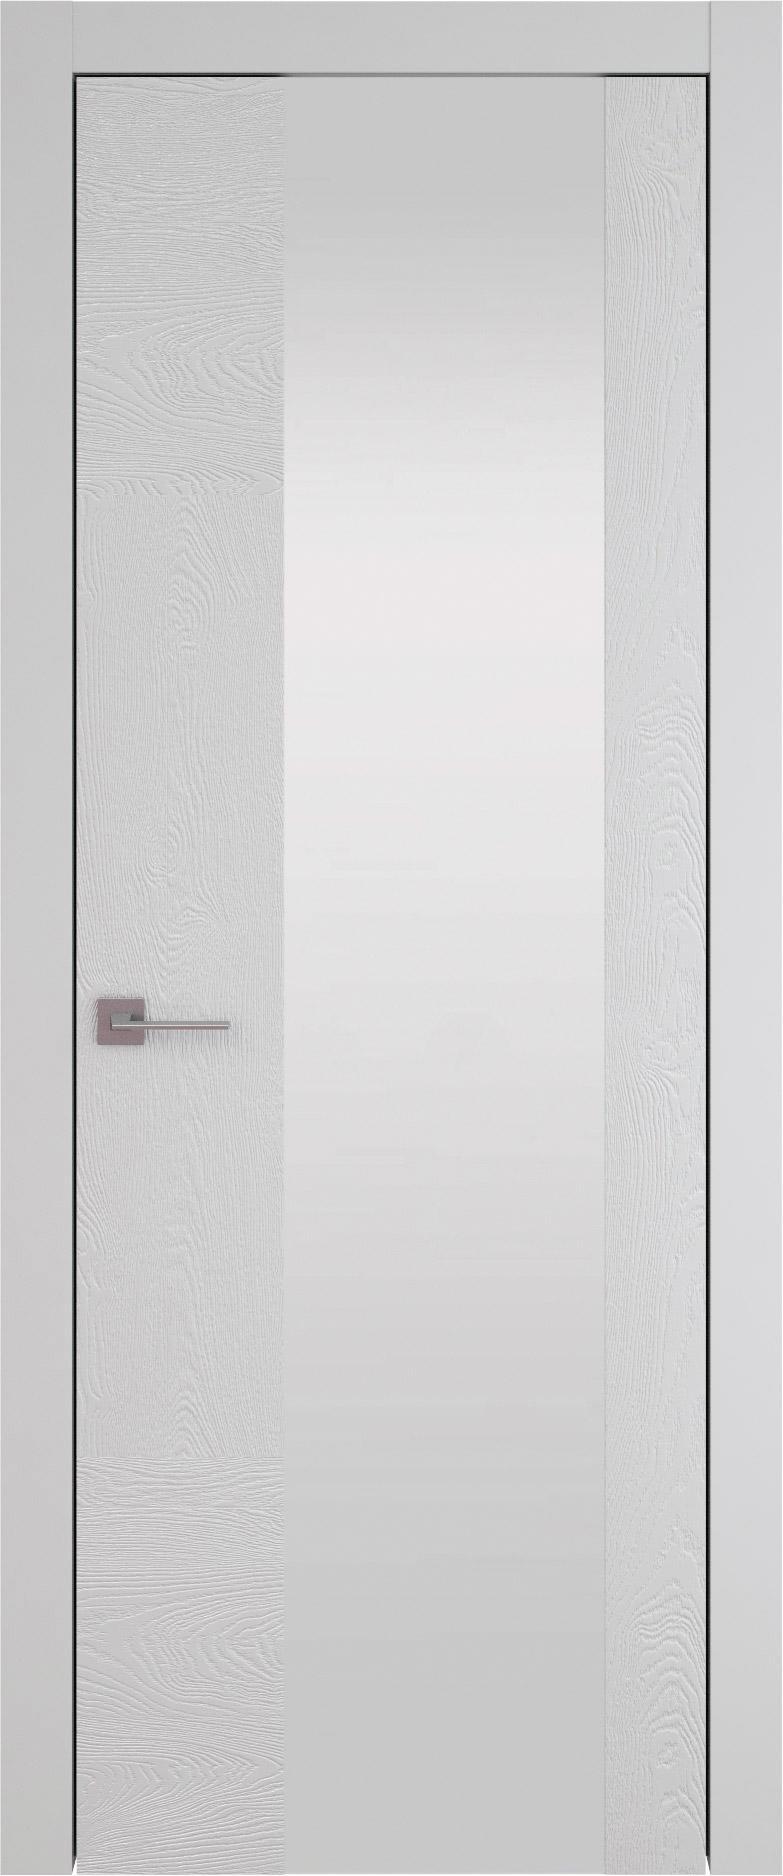 Tivoli Е-1 цвет - Серая эмаль по шпону (RAL 7047) Со стеклом (ДО)